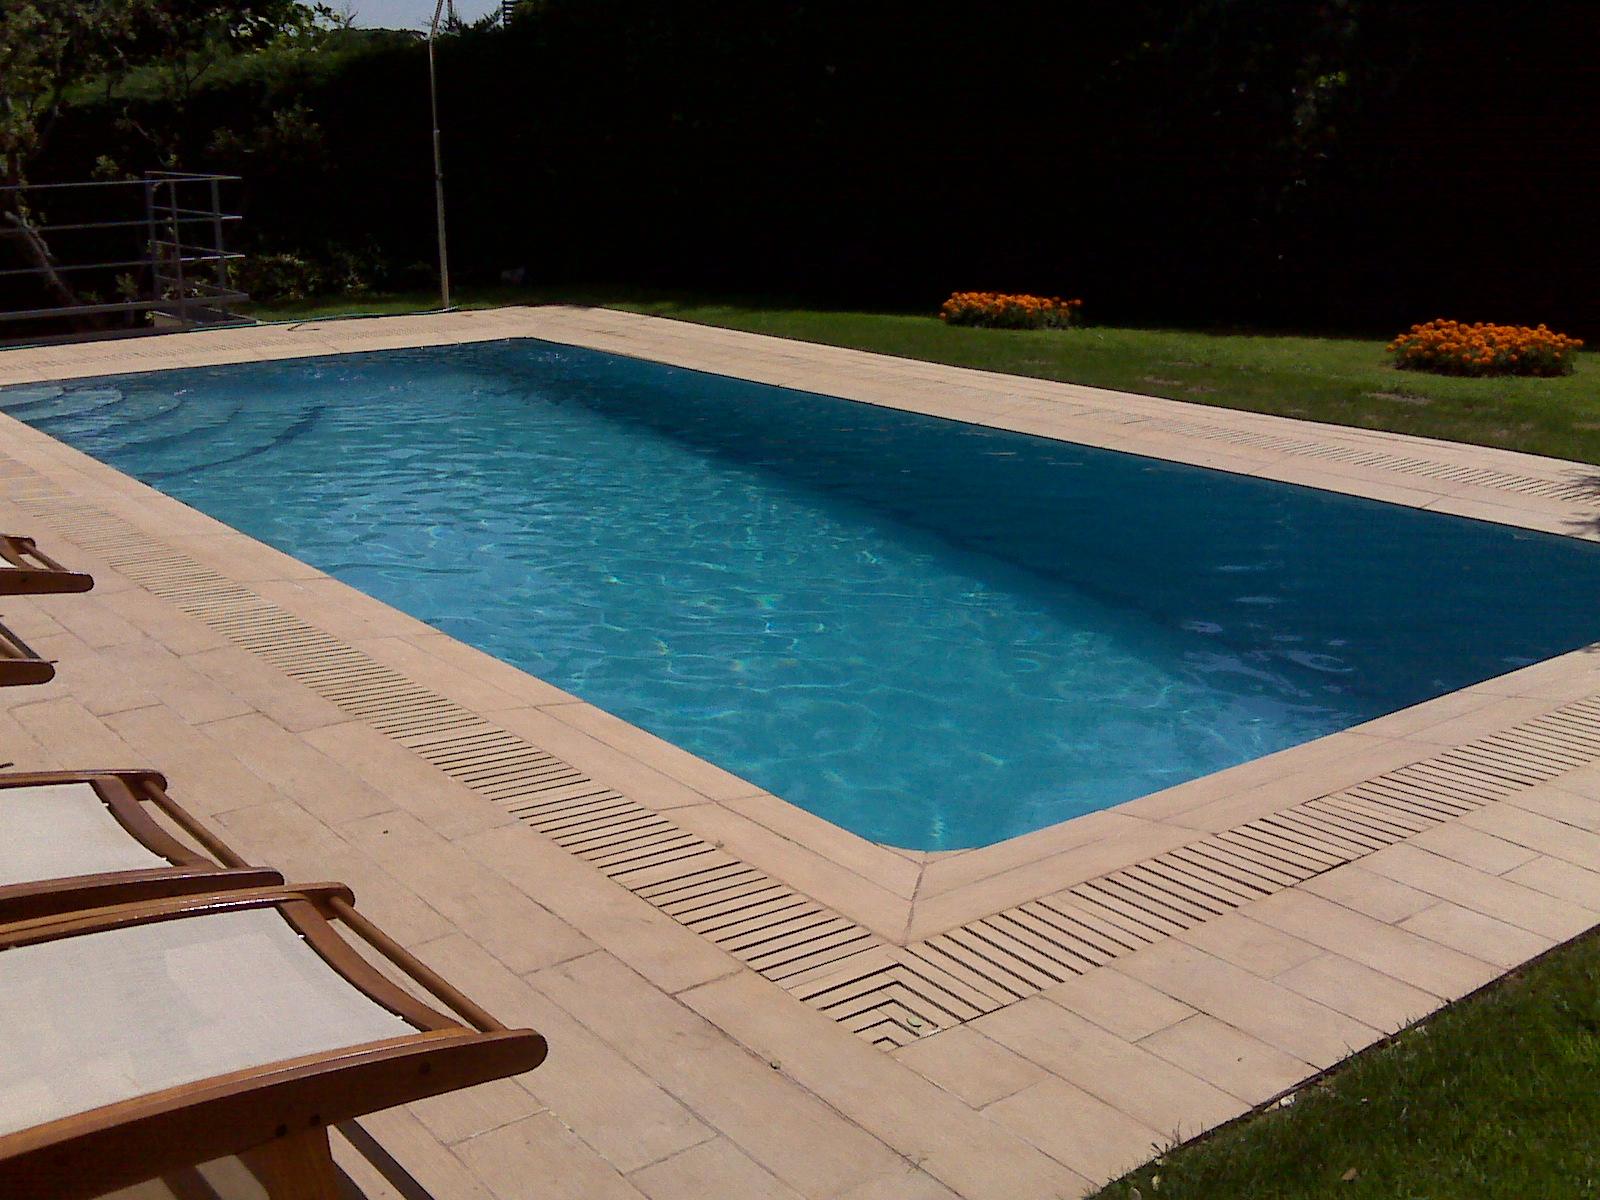 Rosa gres el sistema desbordante para piscina privada en for Piscinas particulares